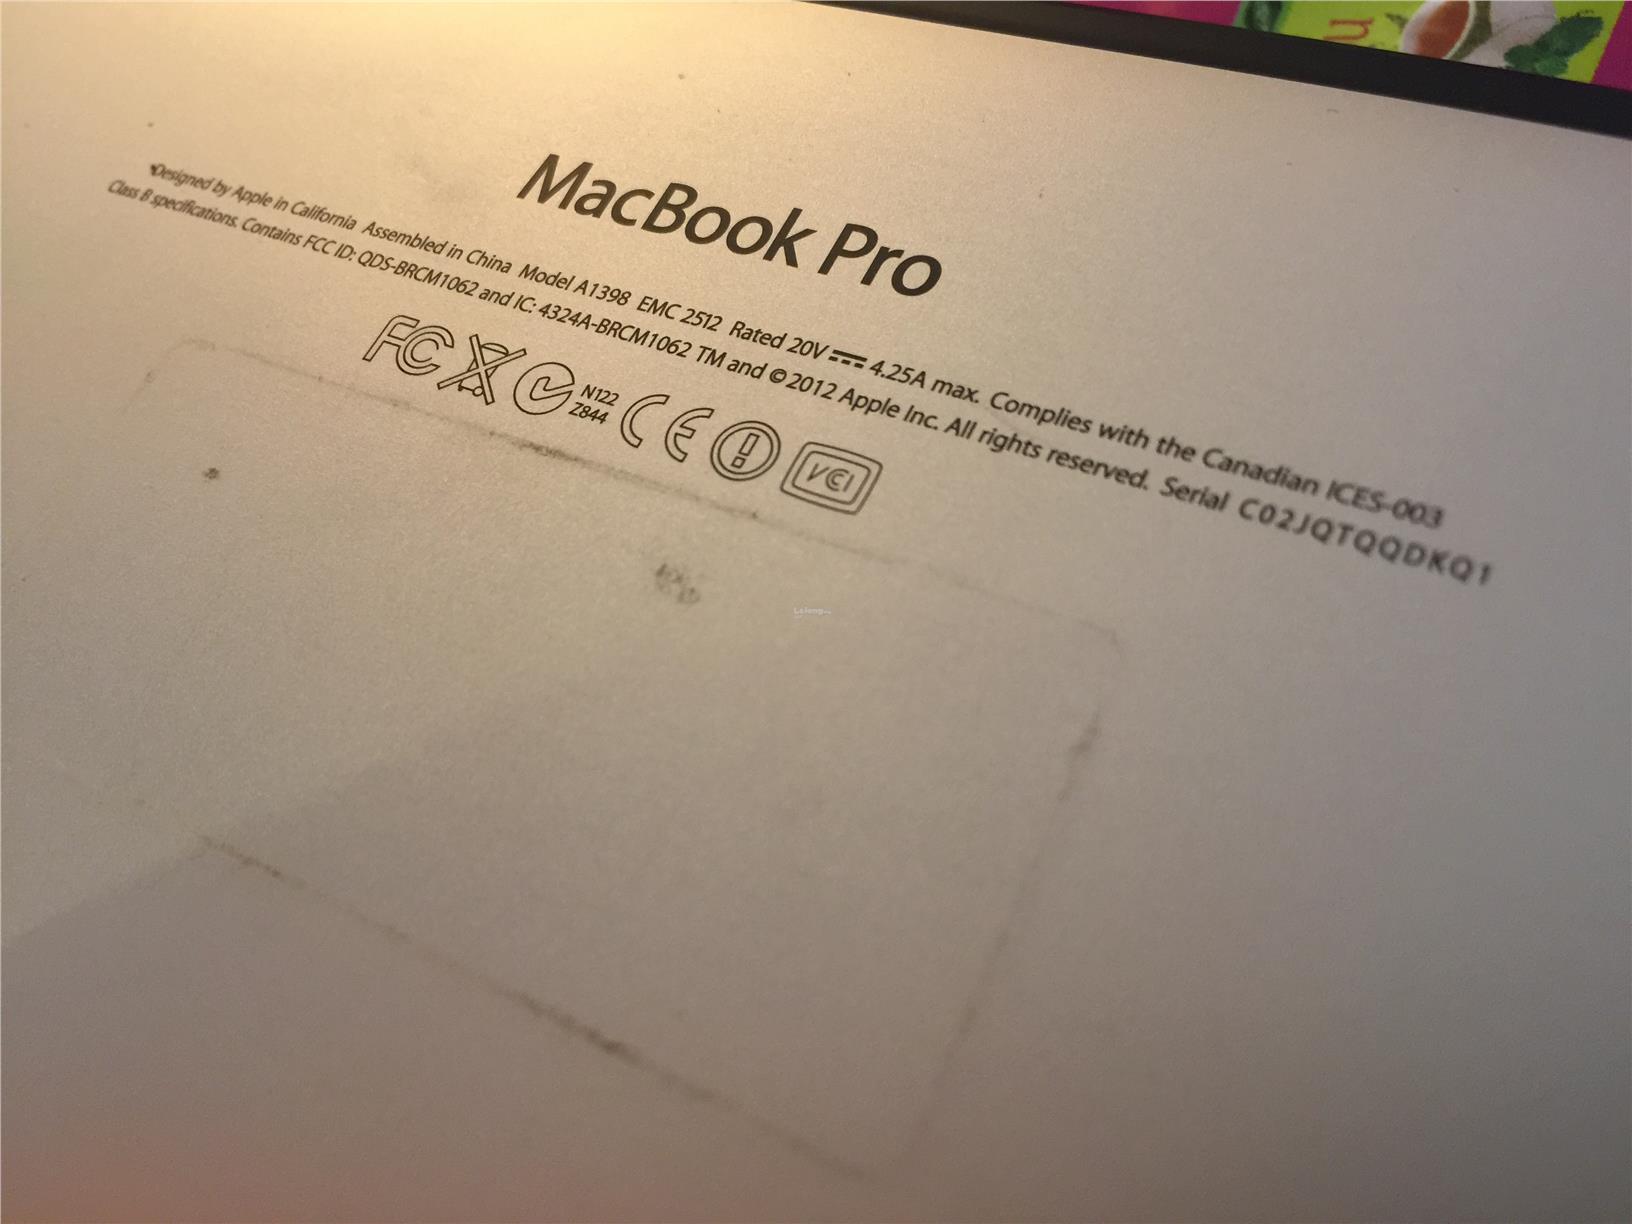 apple macbook pro 2012 serial number